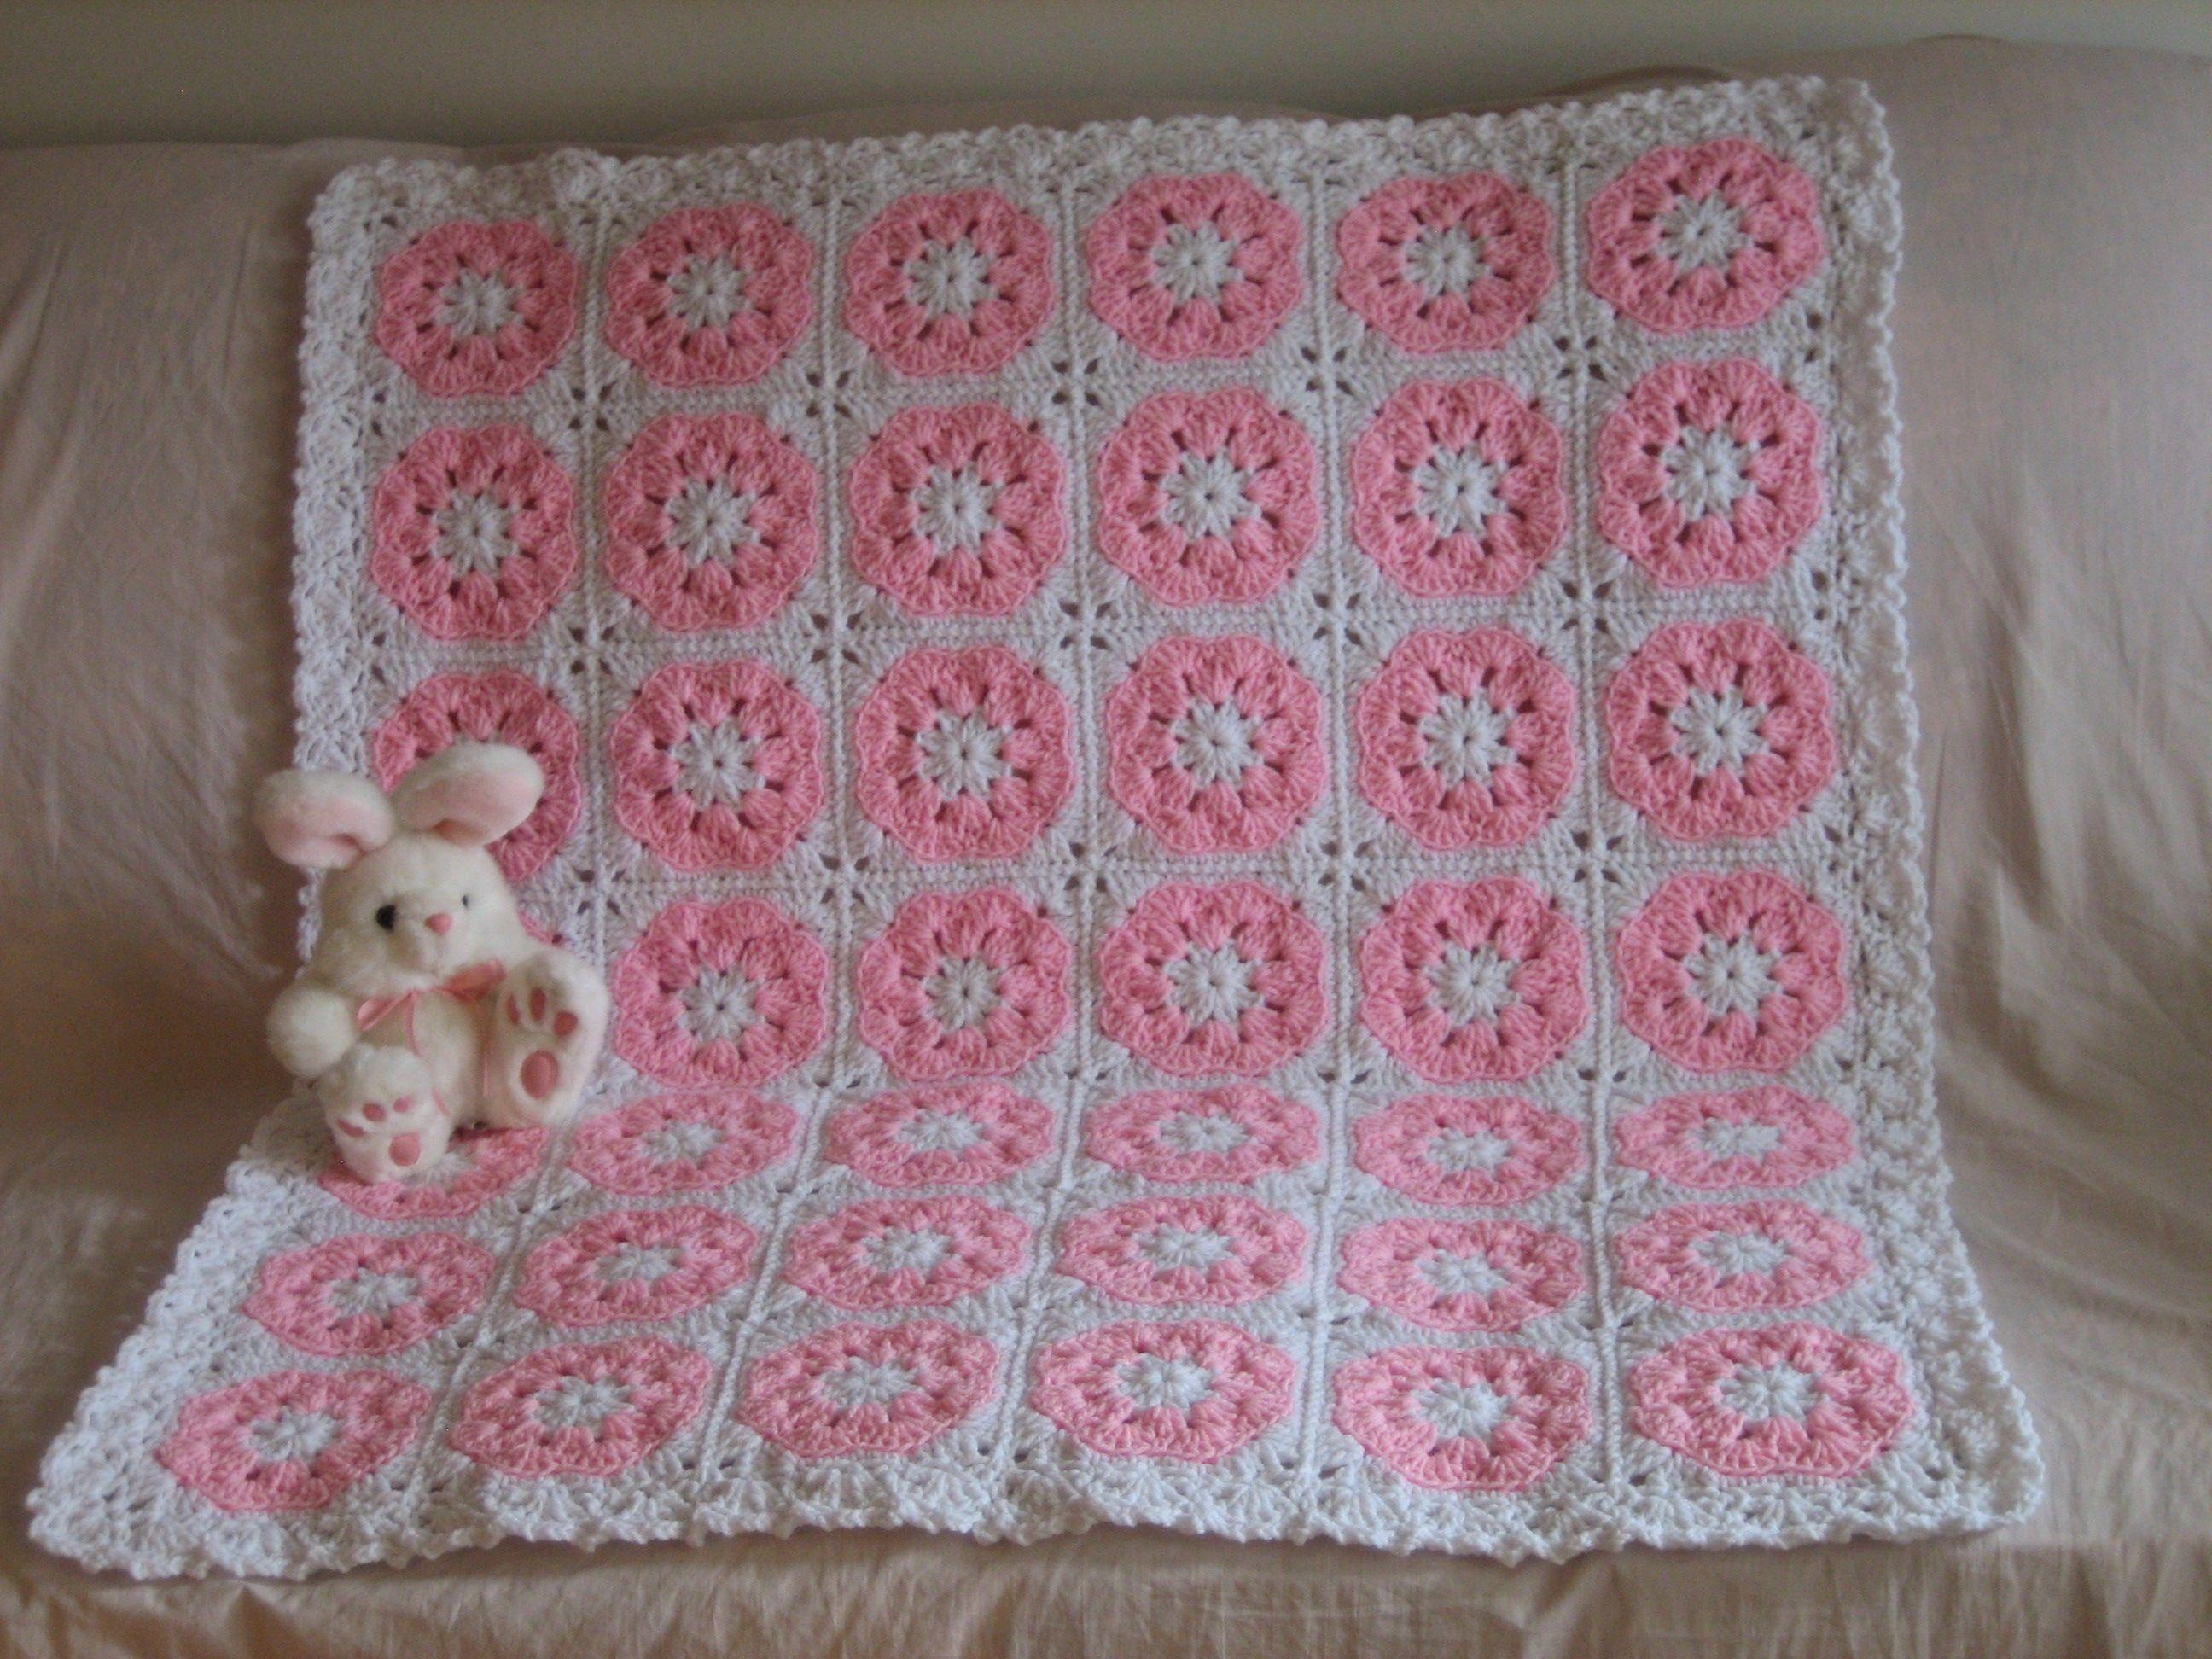 Petal pink floral baby afghan afghans baby afghan patterns and petal pink floral baby afghan bankloansurffo Choice Image